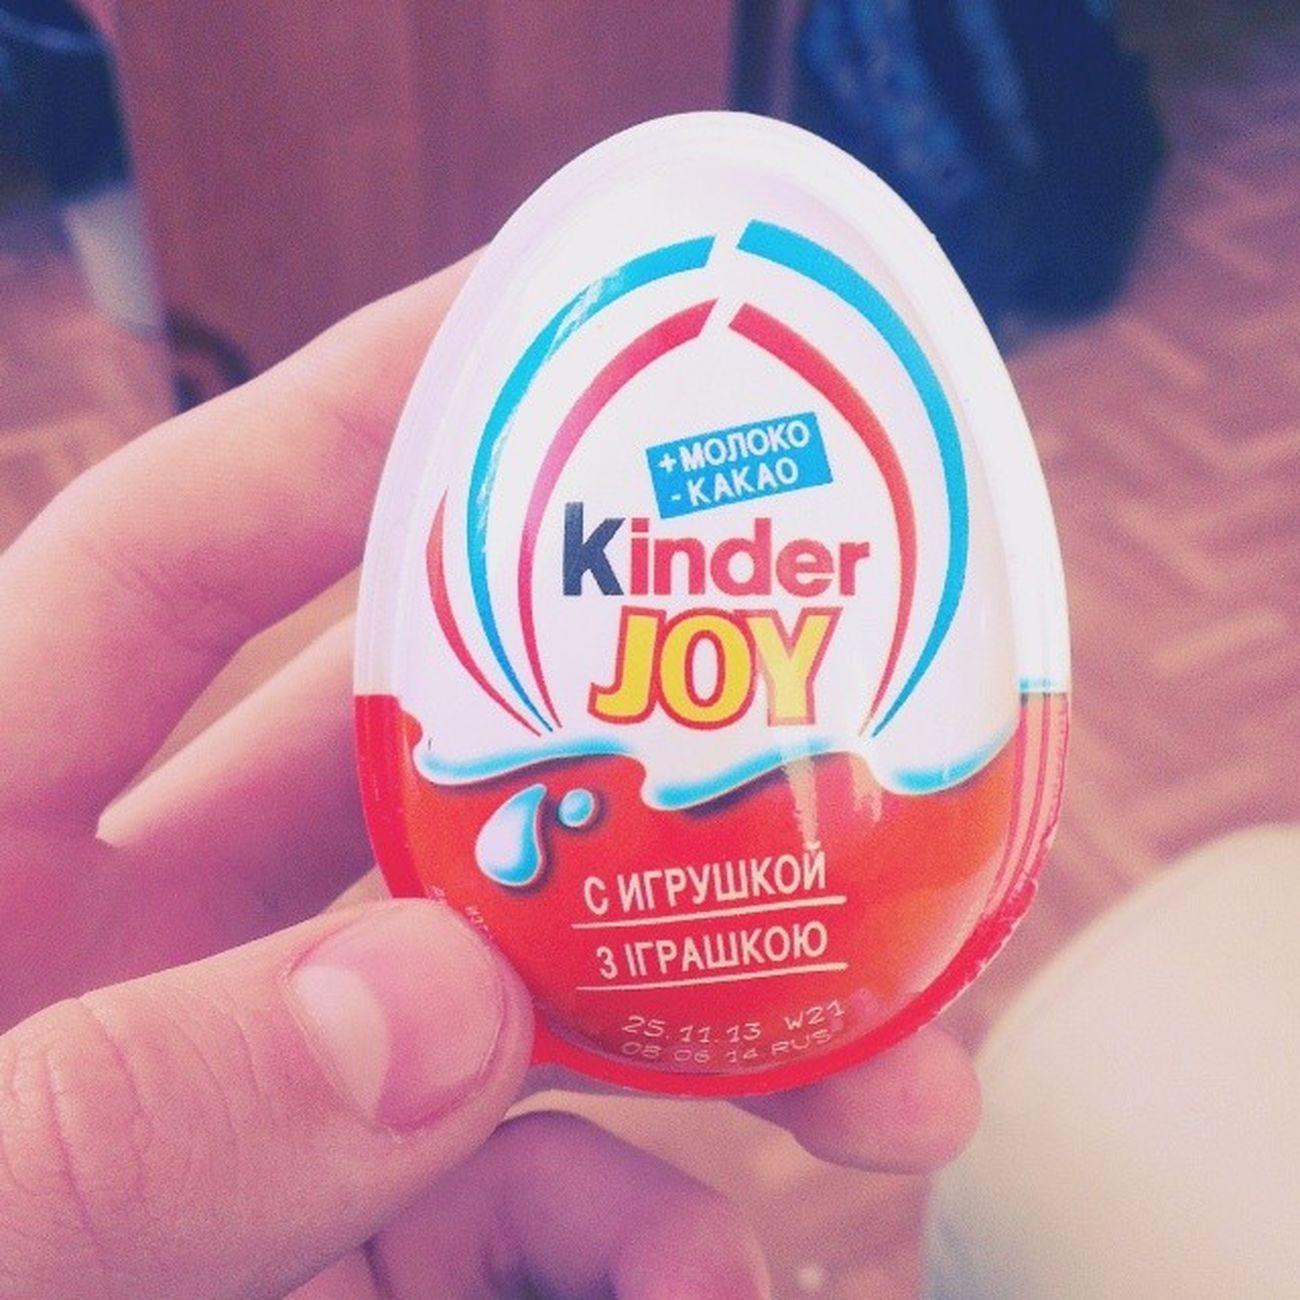 вкусно киндер яйцо спасибо деньзащитникаотечества